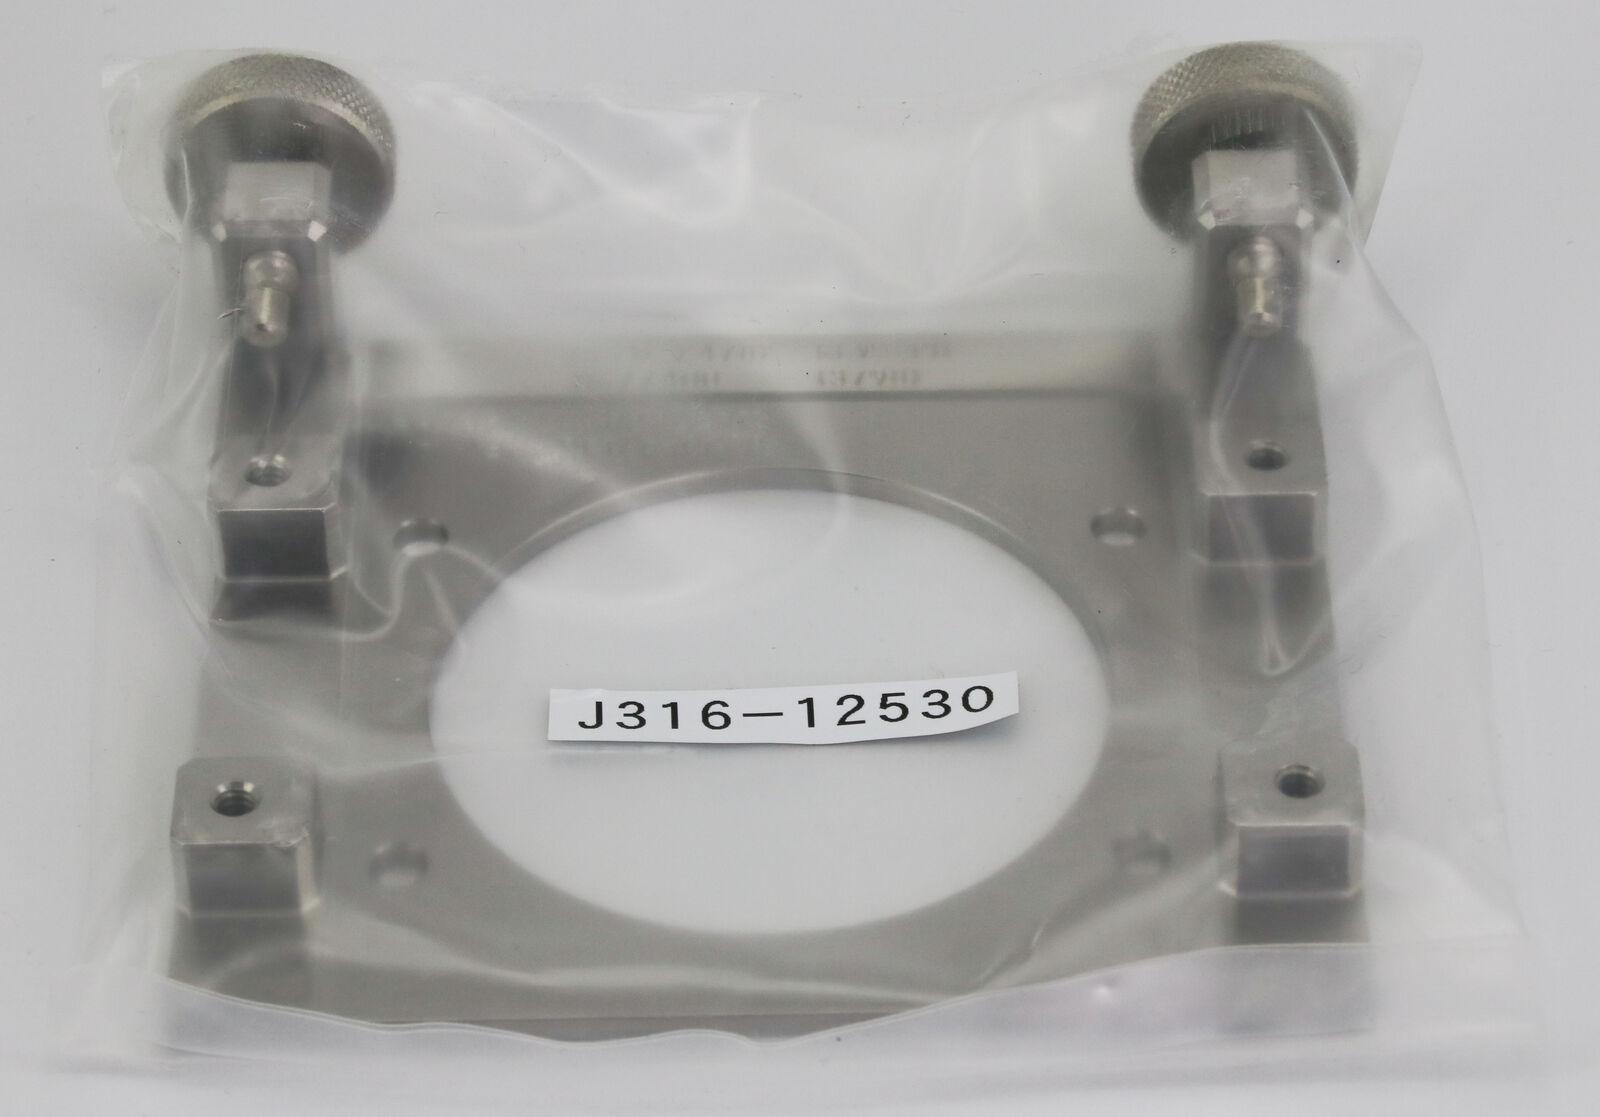 Material 12530 APPLIED soporte, actuador del vinculación obturador vinculación del (nuevo) 0020-27136 67ffae